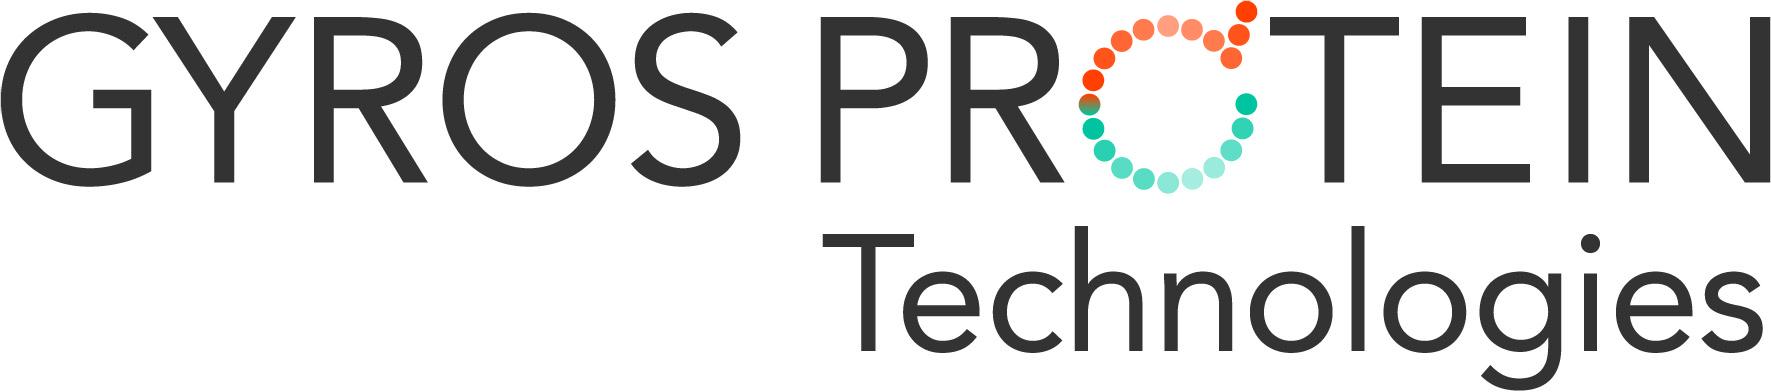 Gyros Protein Technologies